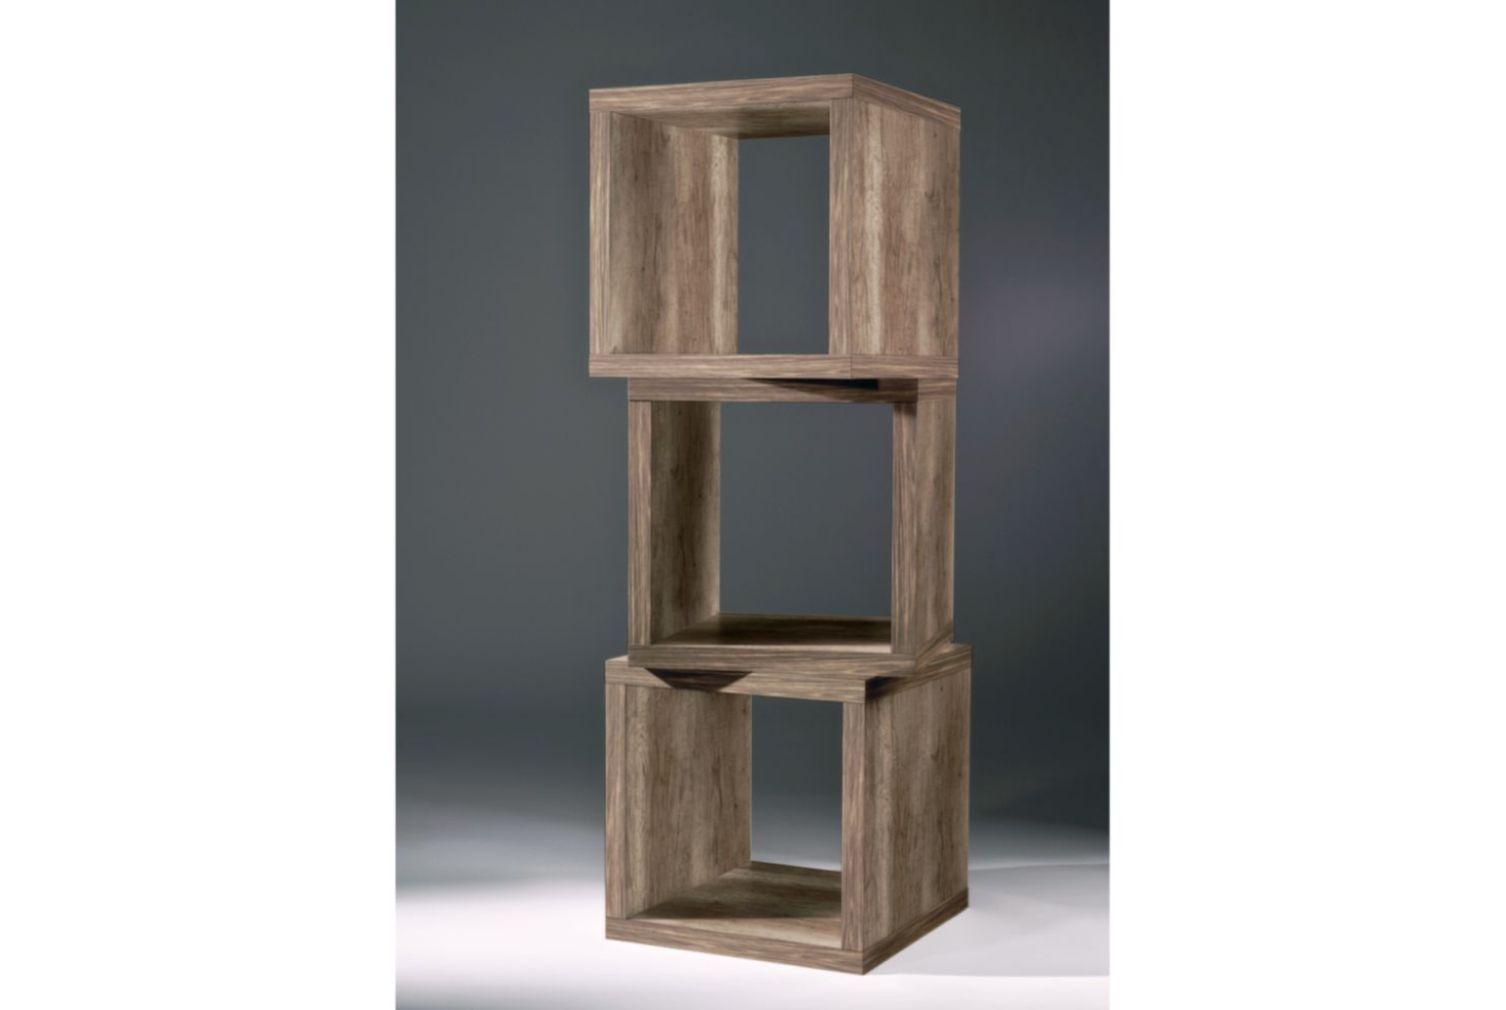 Wandregal würfel holz  Würfel Wandregal Cube Cubes Regale Neu LOUNGEREGAL Modern ...